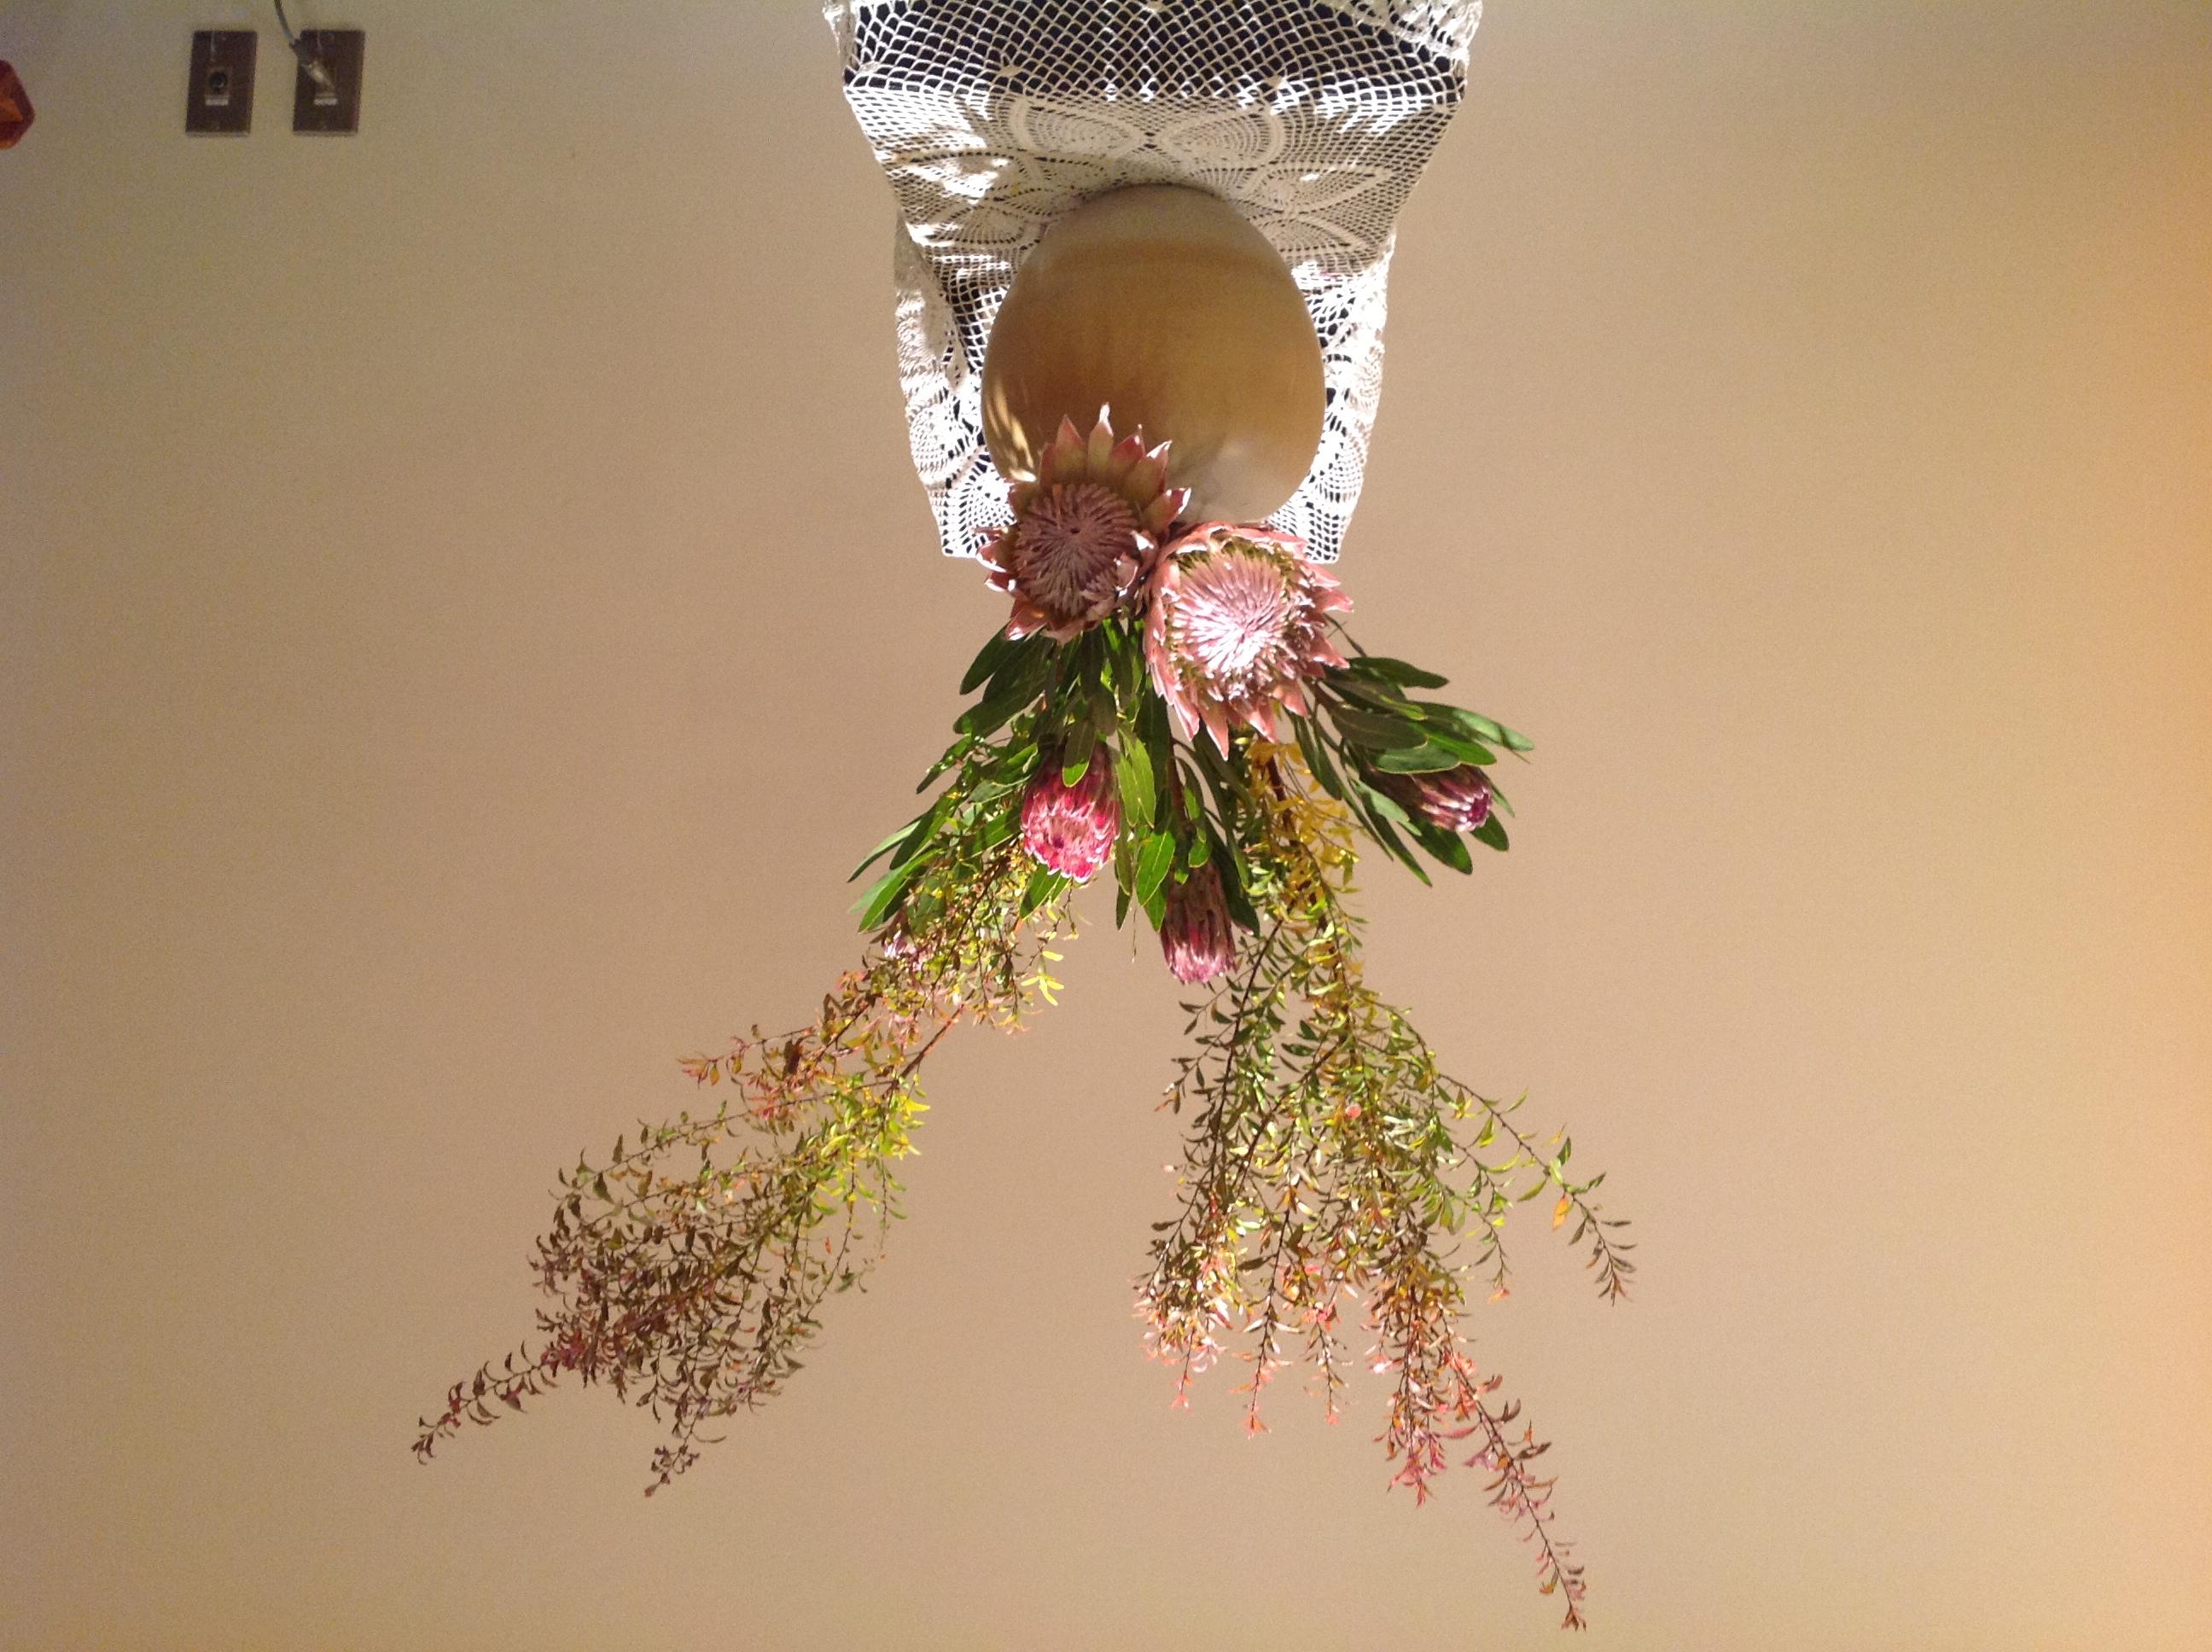 2012/11/18、聖日礼拝のお花